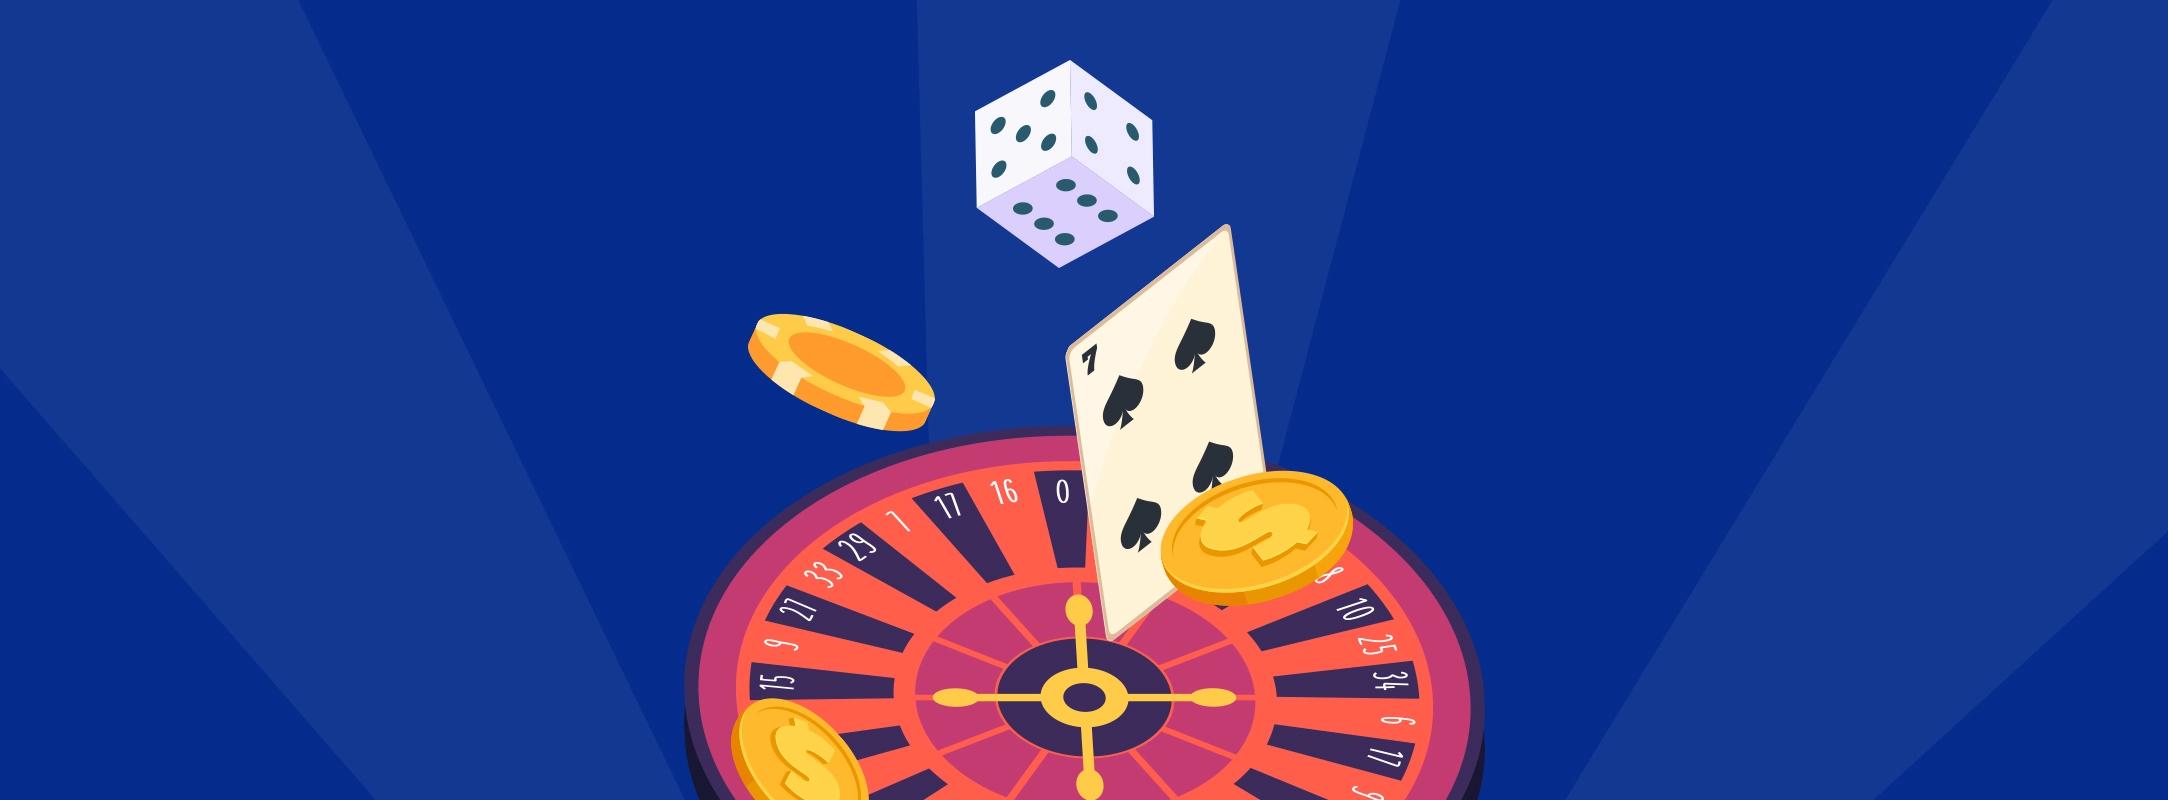 Tips-til-a-vinne-pa-online-casinospill-Norway-Banner-01-CasinoTopp